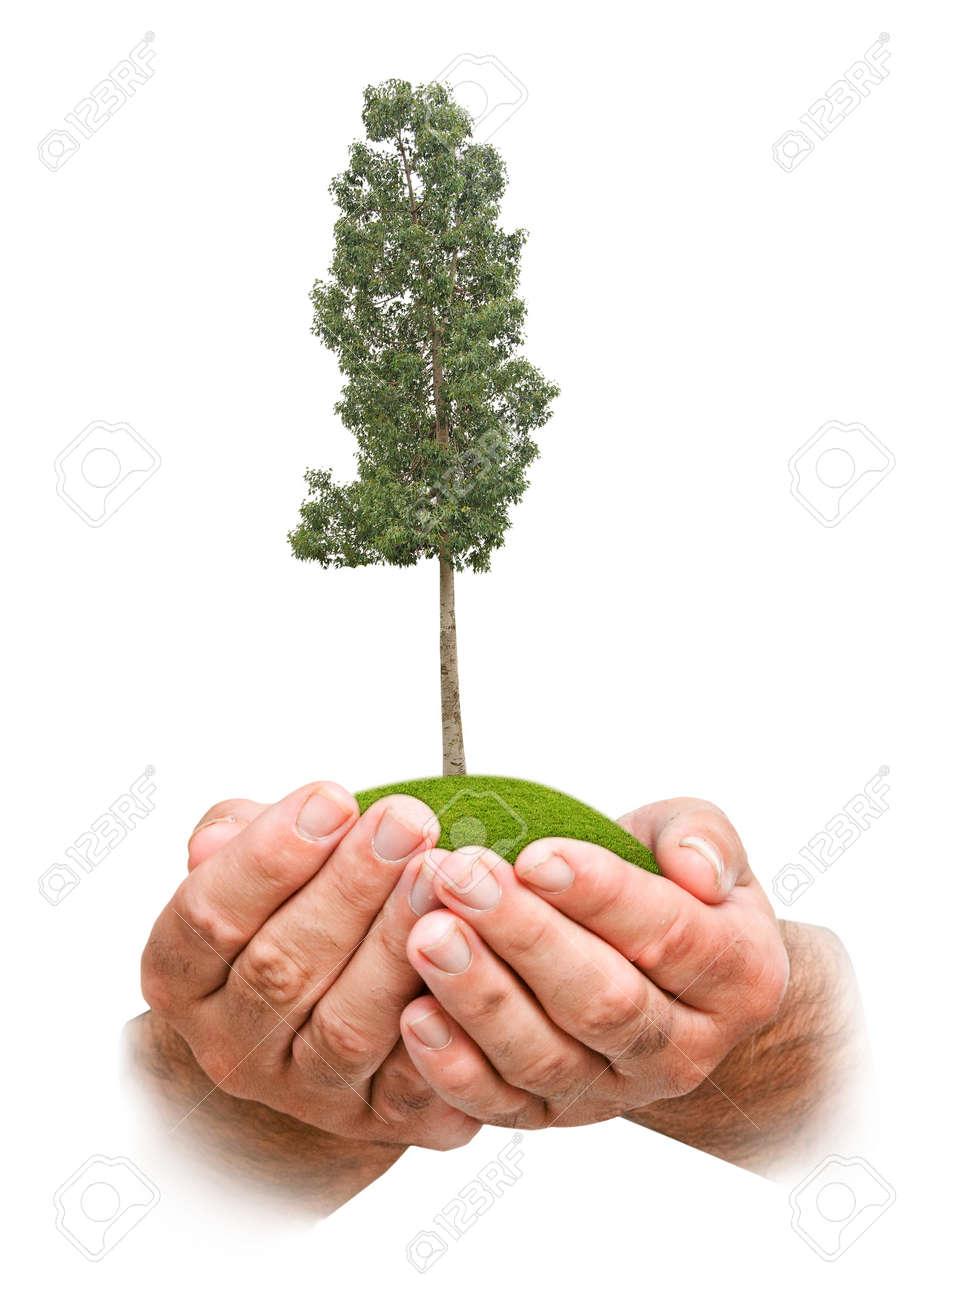 tree in hands - 167899919